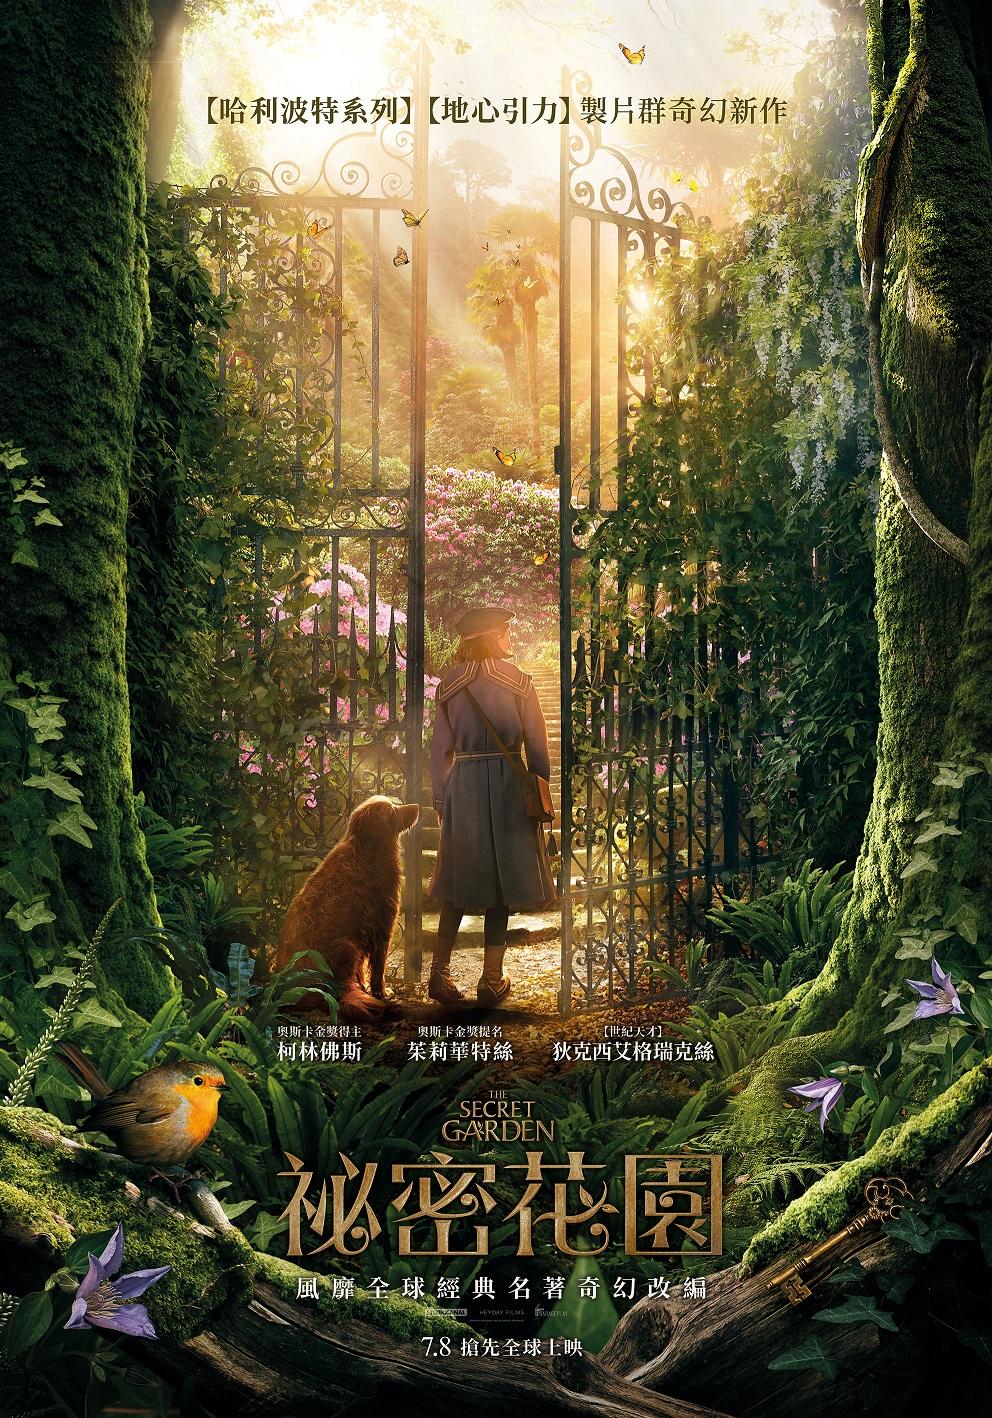 《祕密花園》改編英國百年經典文學名著 《哈利波特》團隊攜手柯林佛斯奇幻打造